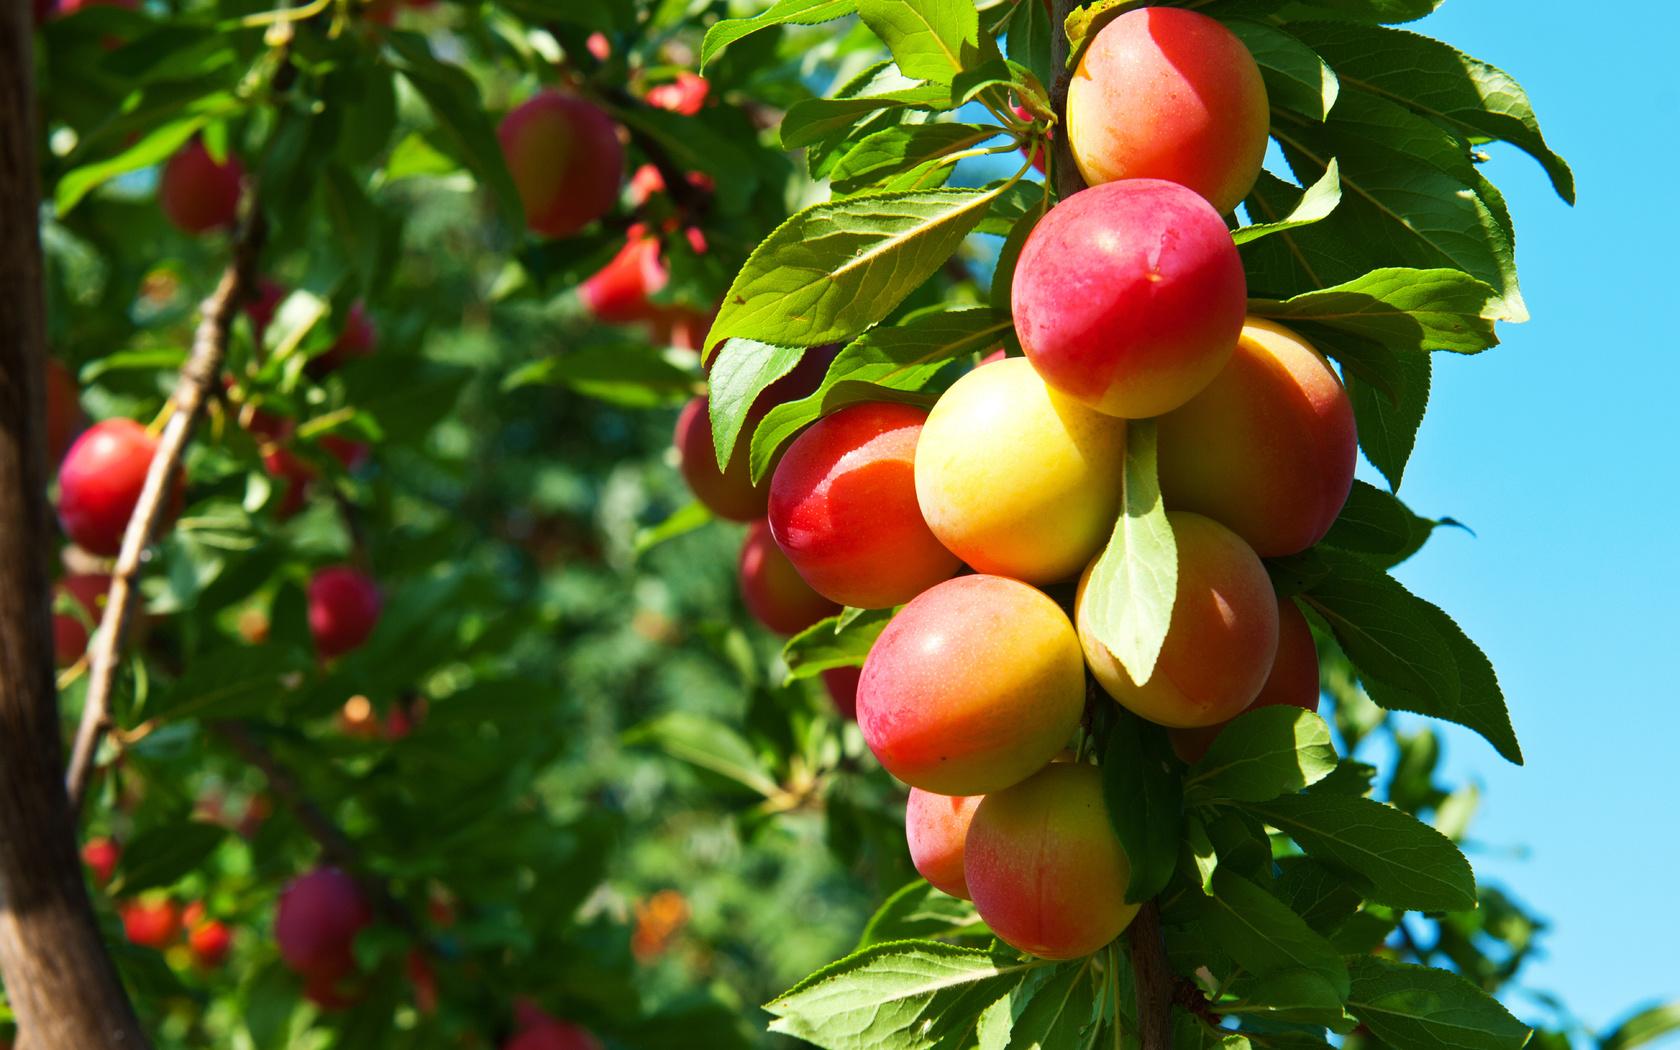 картинки деревьев с фруктами и ягодами вам повезет увидеть